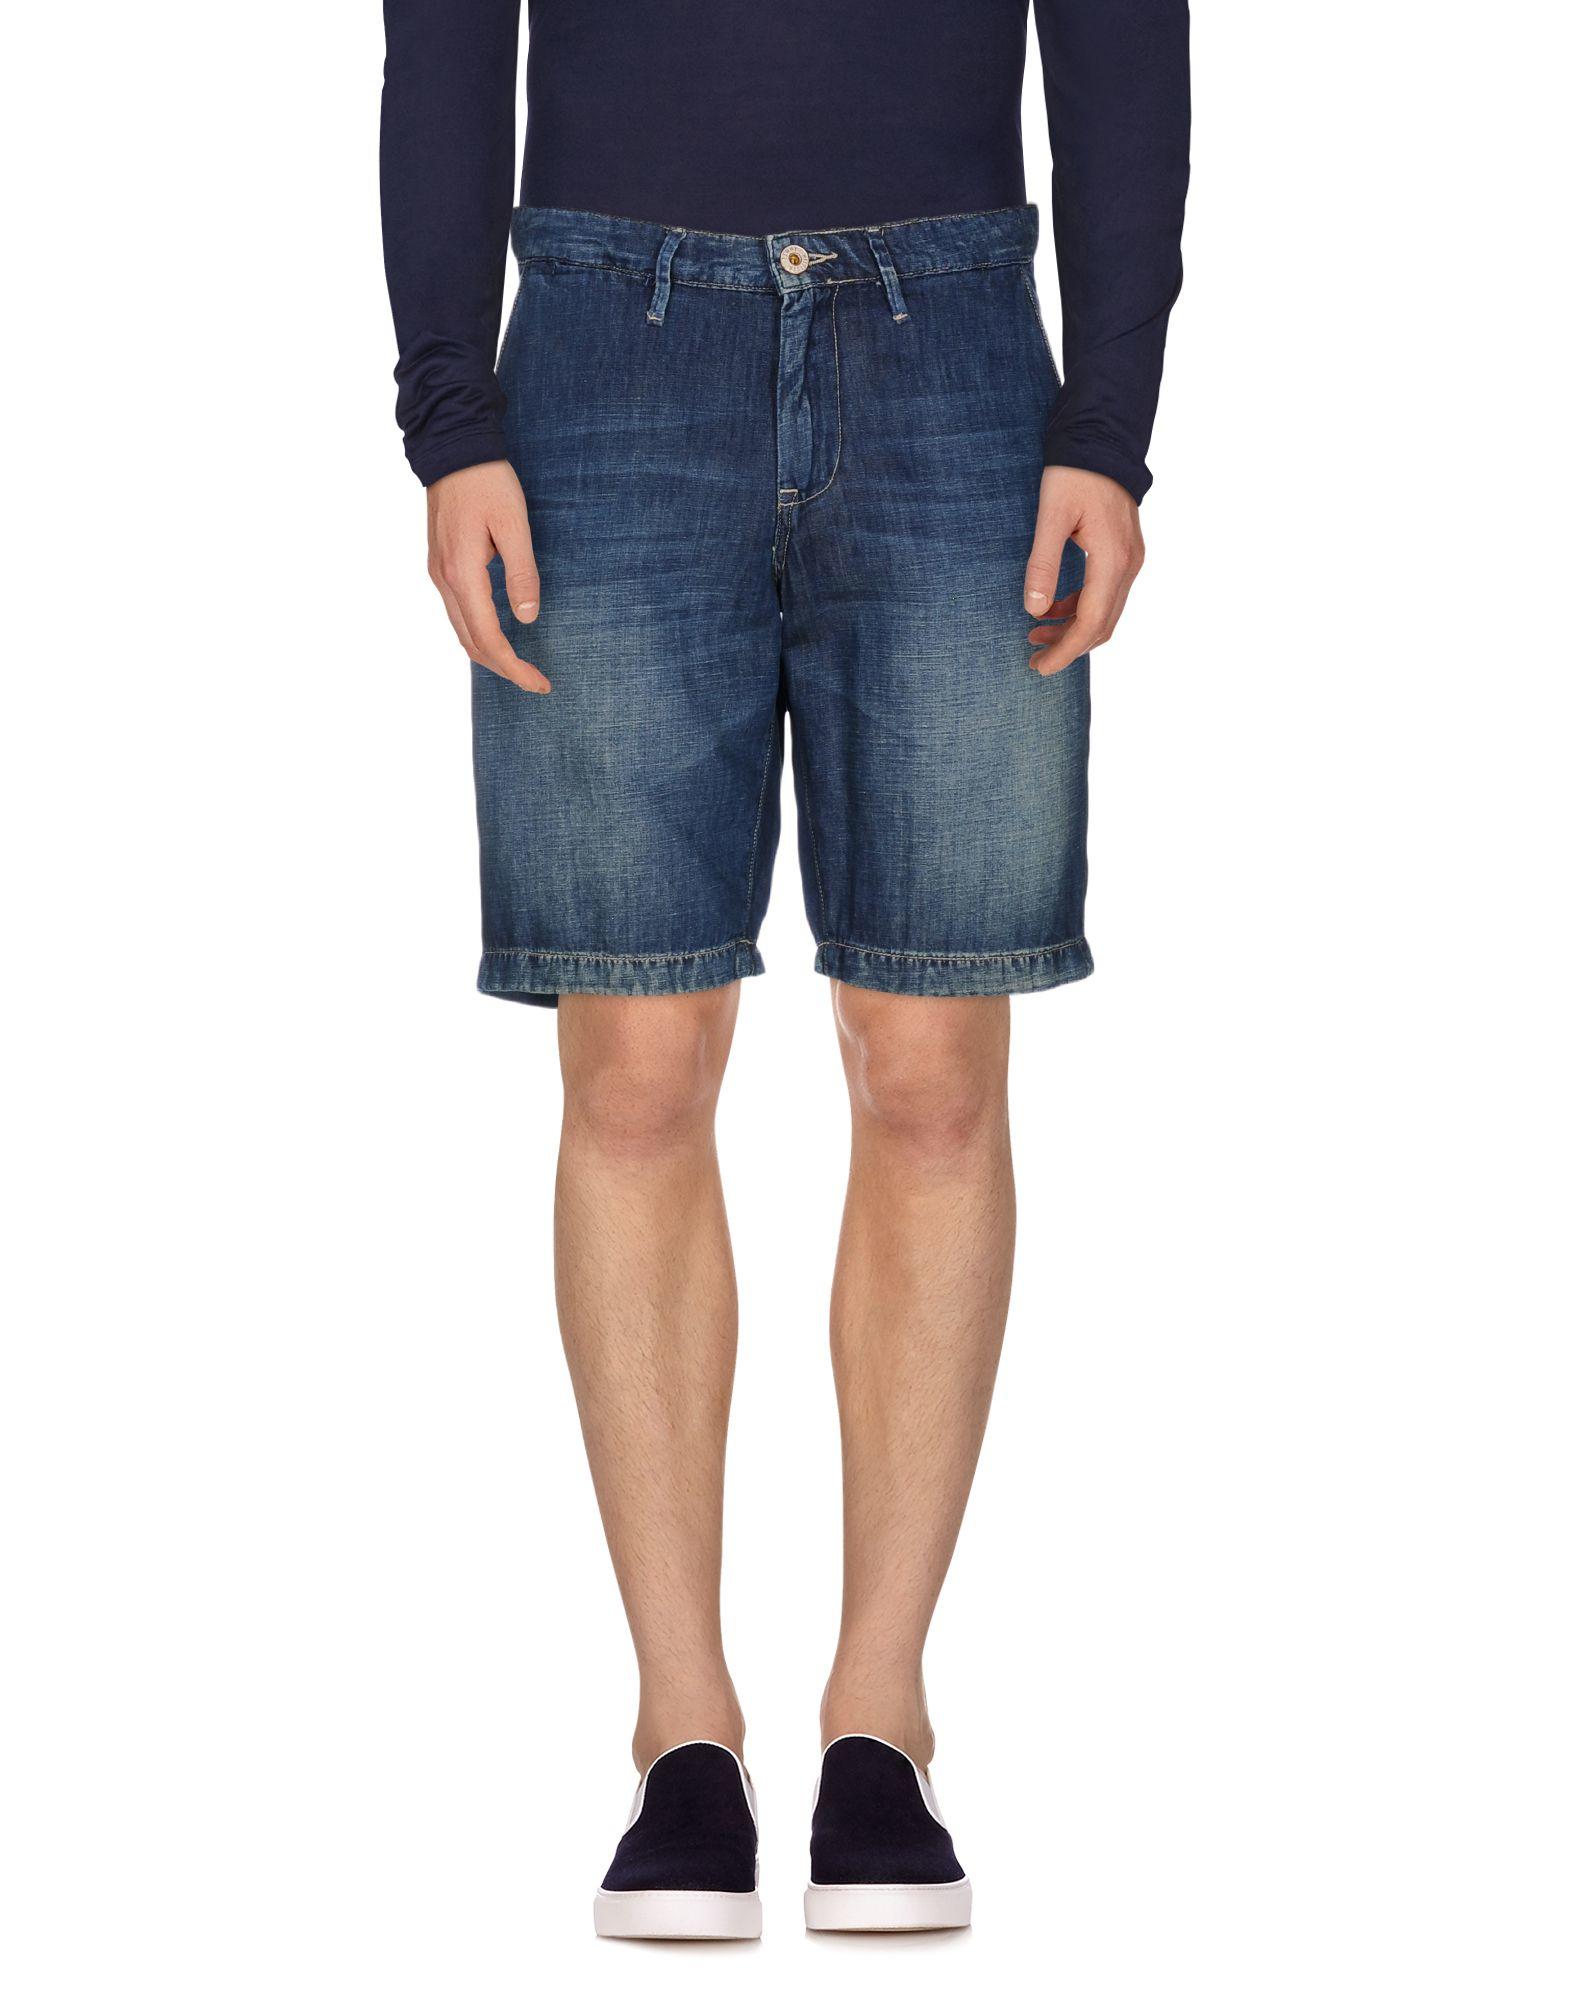 tommy hilfiger denim shorts in blue for men lyst. Black Bedroom Furniture Sets. Home Design Ideas